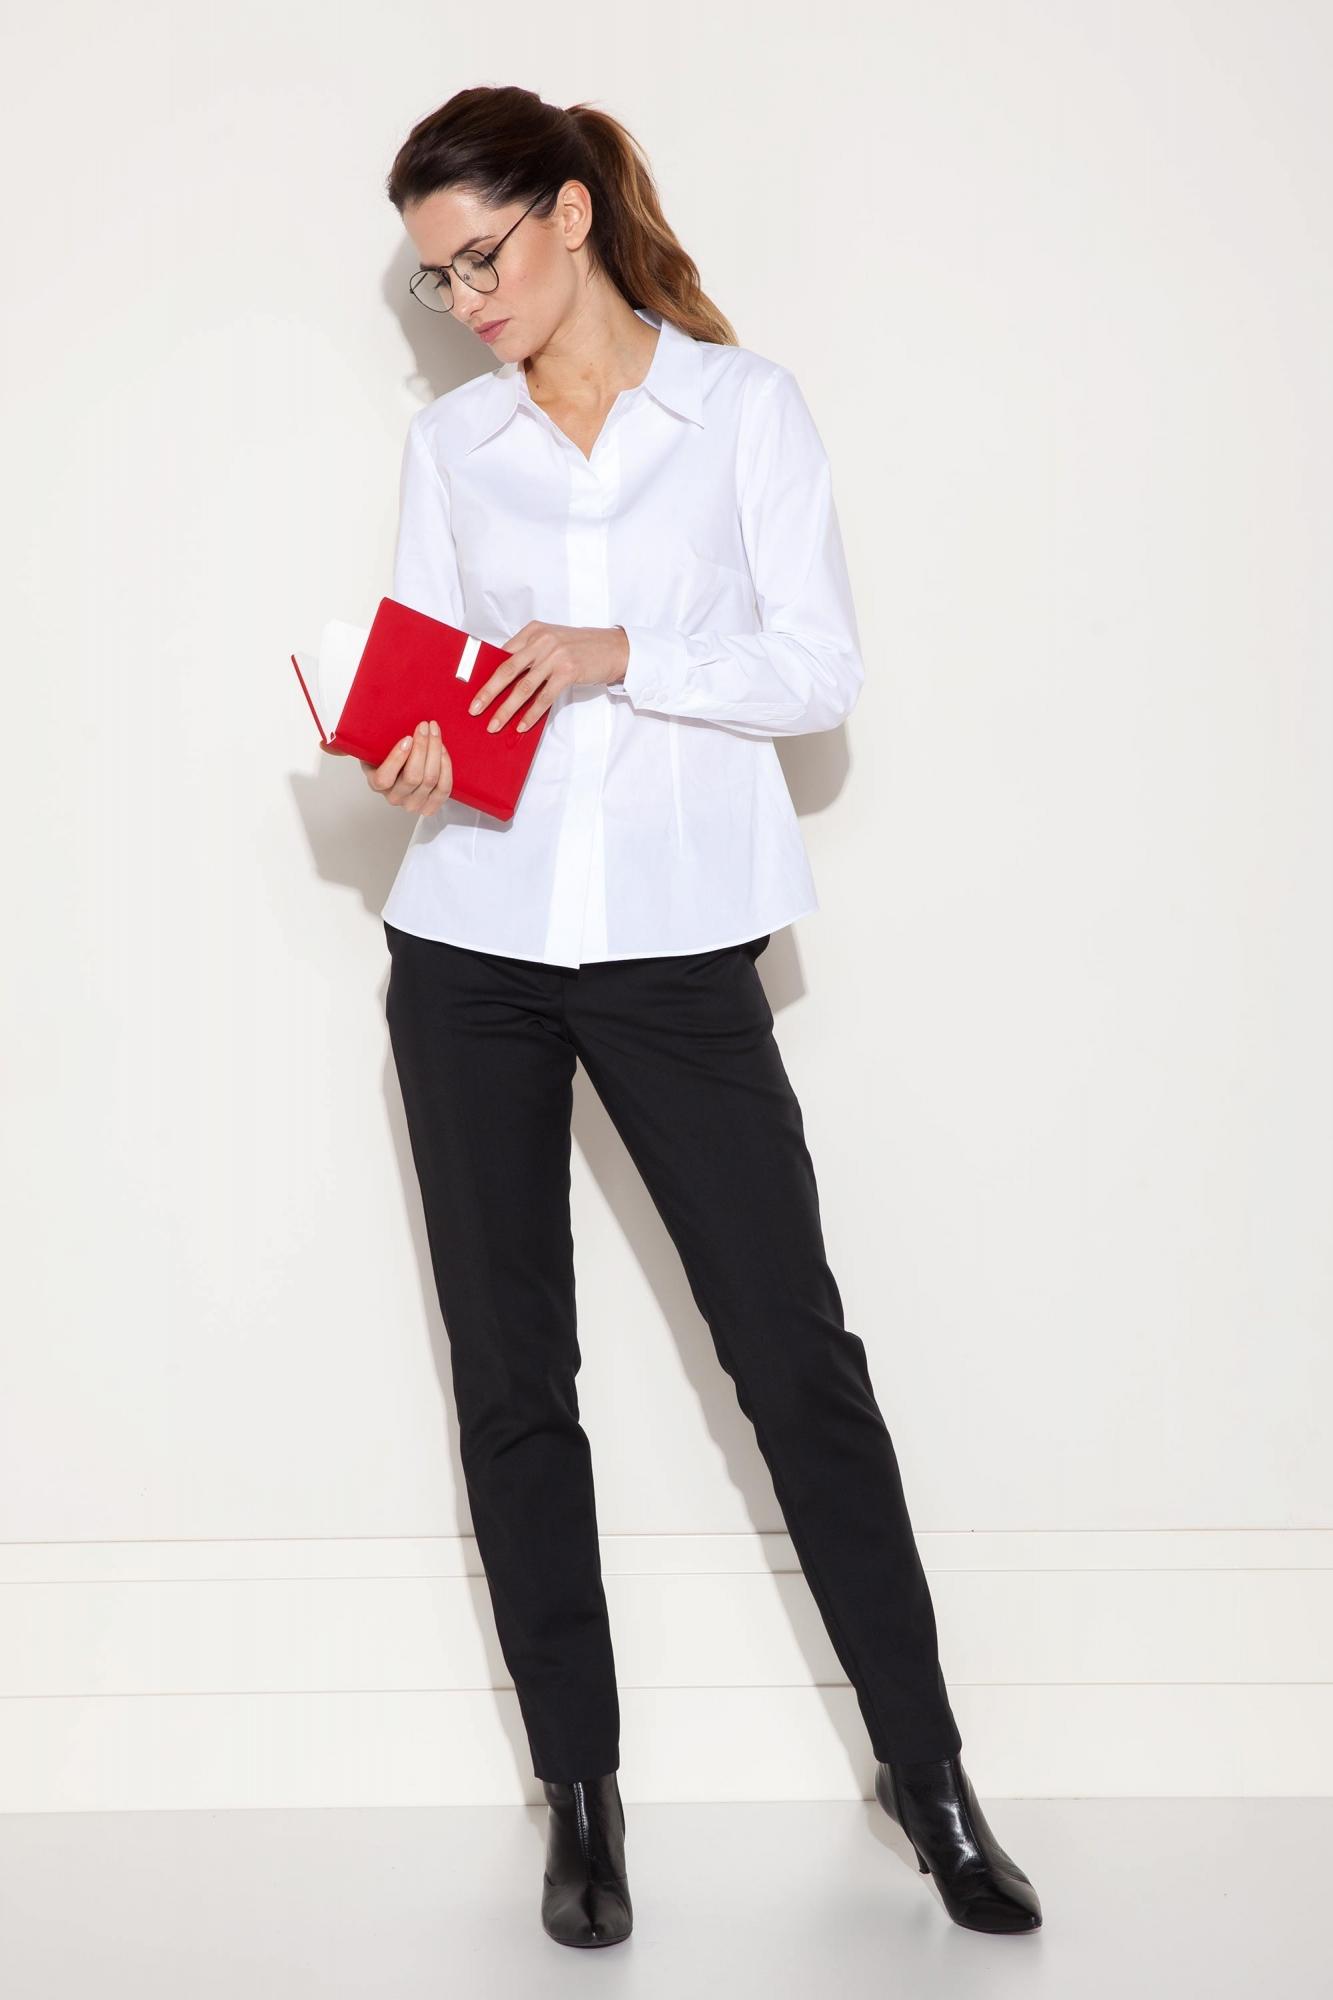 0cc5c2e85ca7b Biała damska koszula, klasyczna, z bawełny - sklep Beata Cupriak